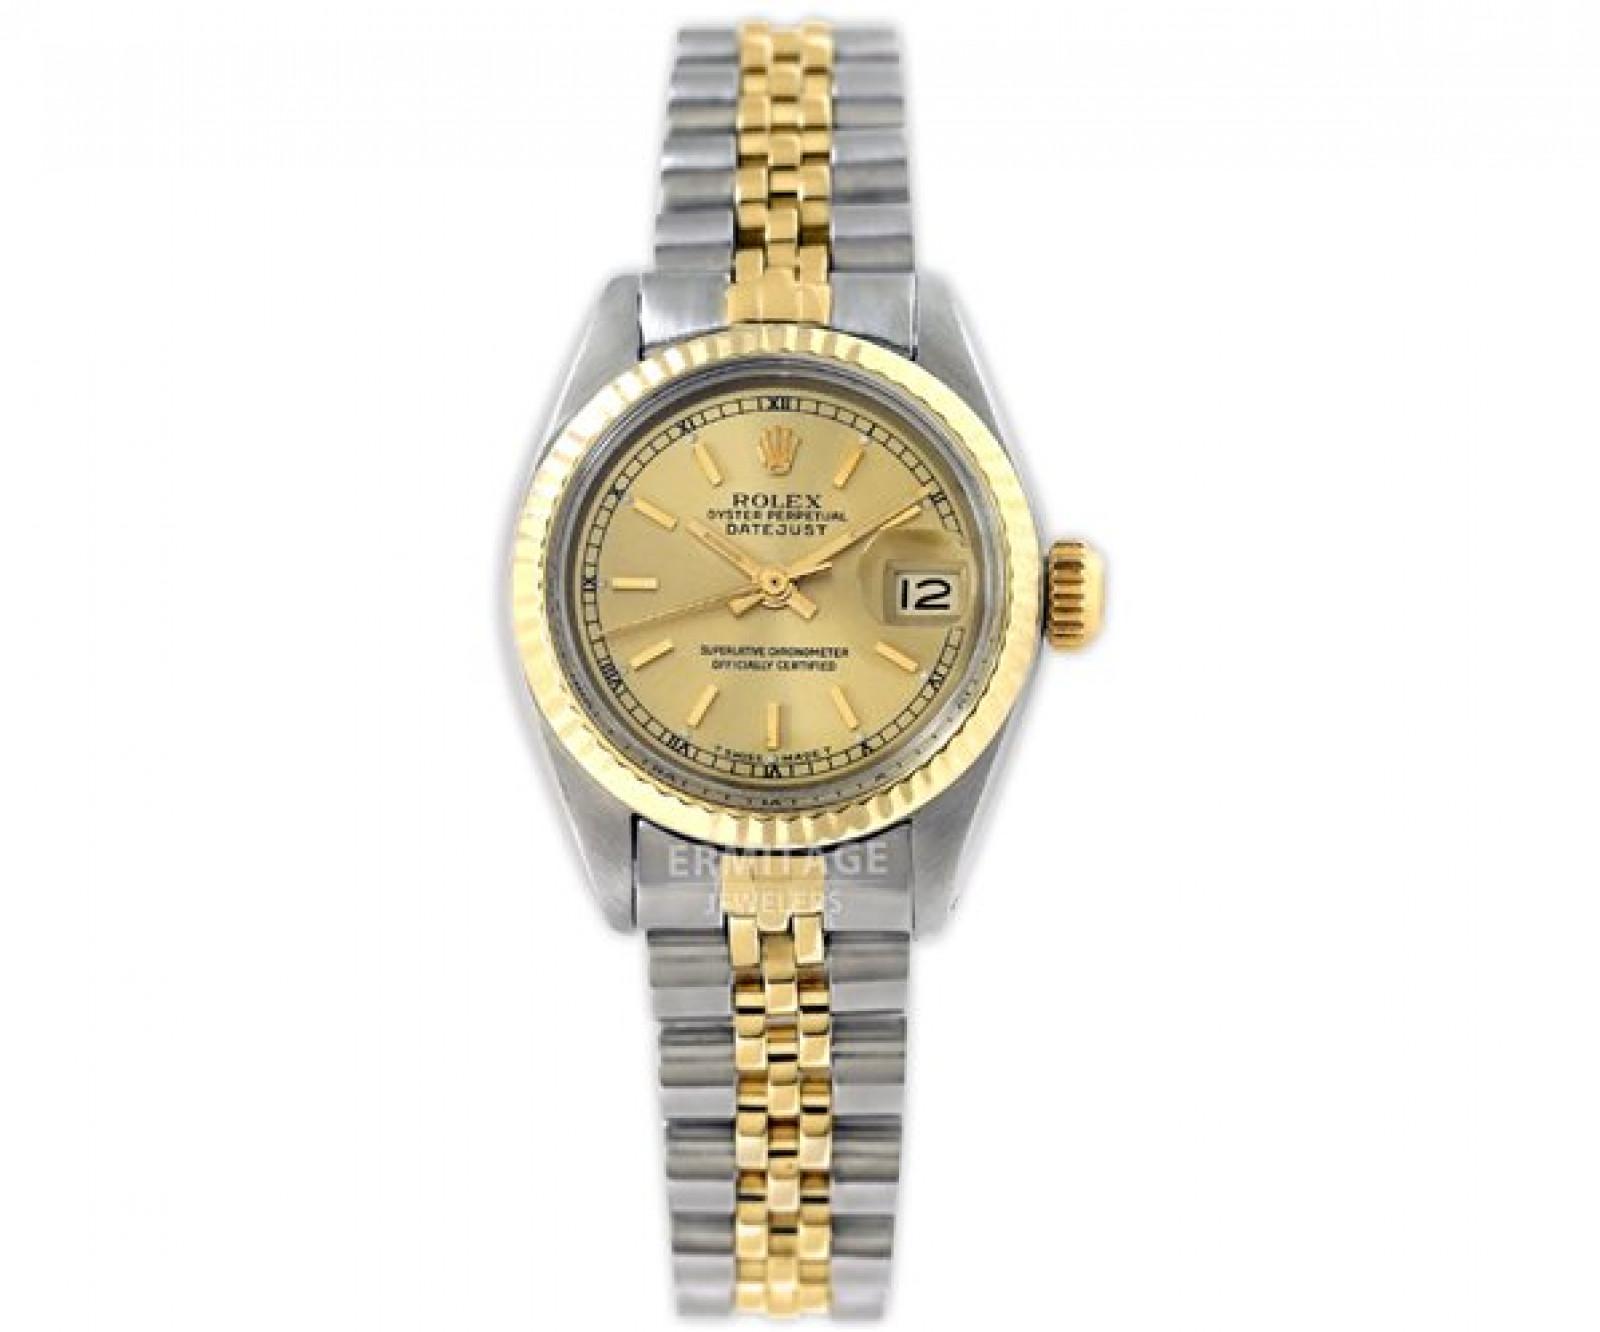 Vintage Rolex Datejust 6917 Two Tone